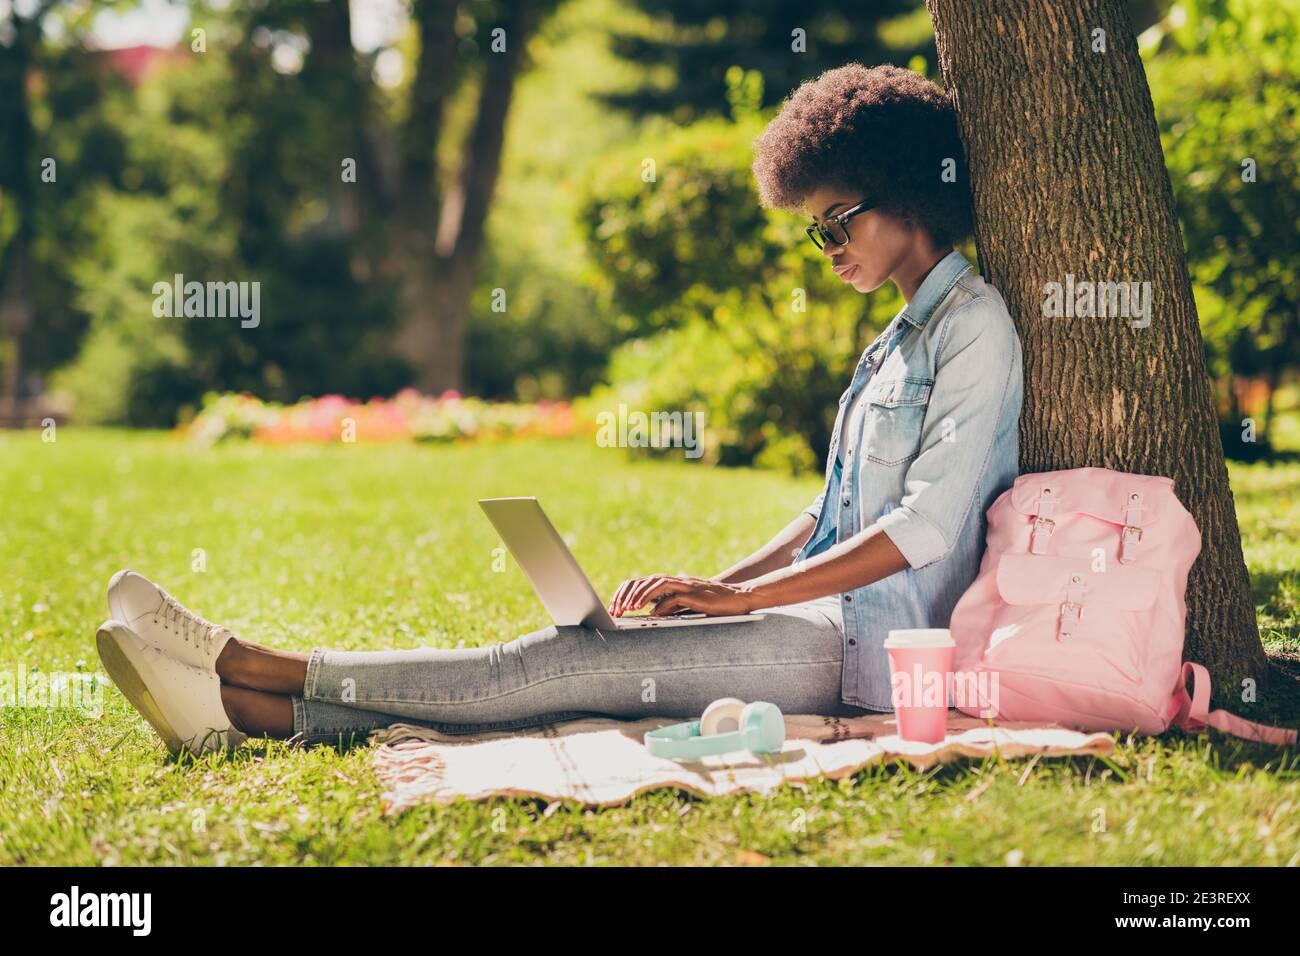 In voller Länge Körpergröße Seitenprofil Foto von schwarz gehäutet Frau mit lockigen Haaren, die auf einem Laptop im Internet surfen Stadtpark Stockfoto